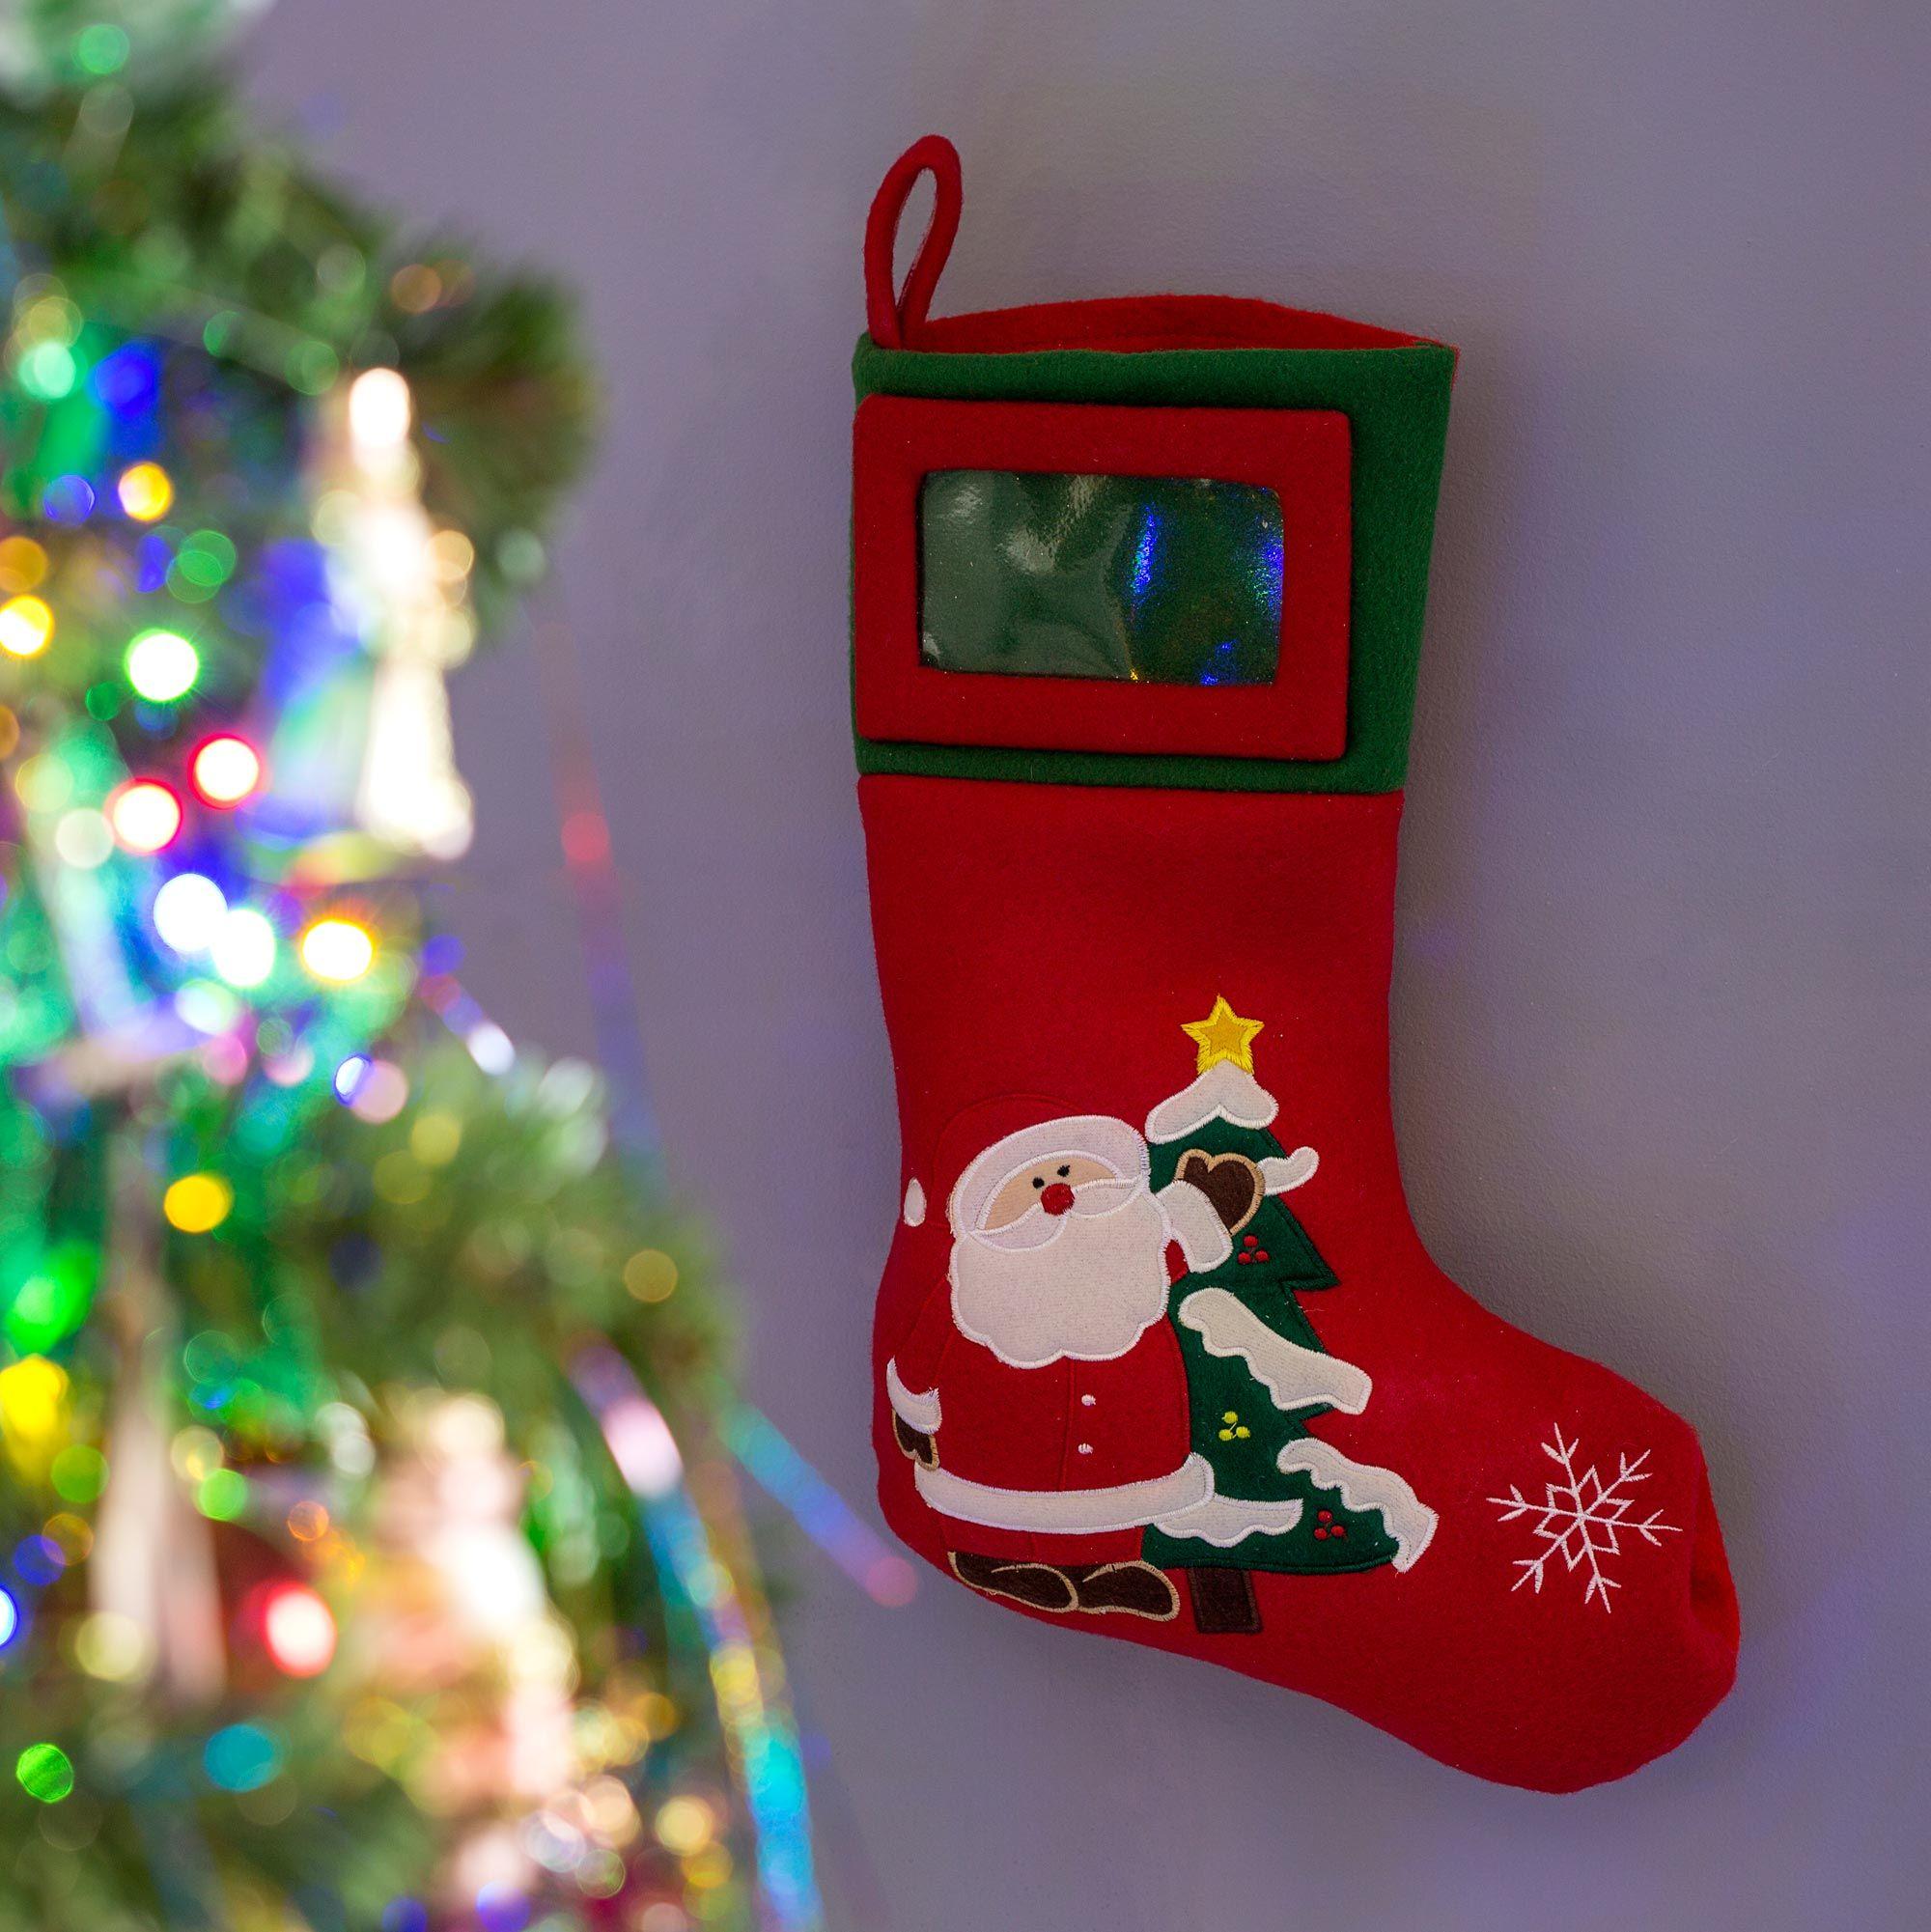 Decoraci n navide a divertida y llena de color hogarmania - Decoracion navidena fieltro ...